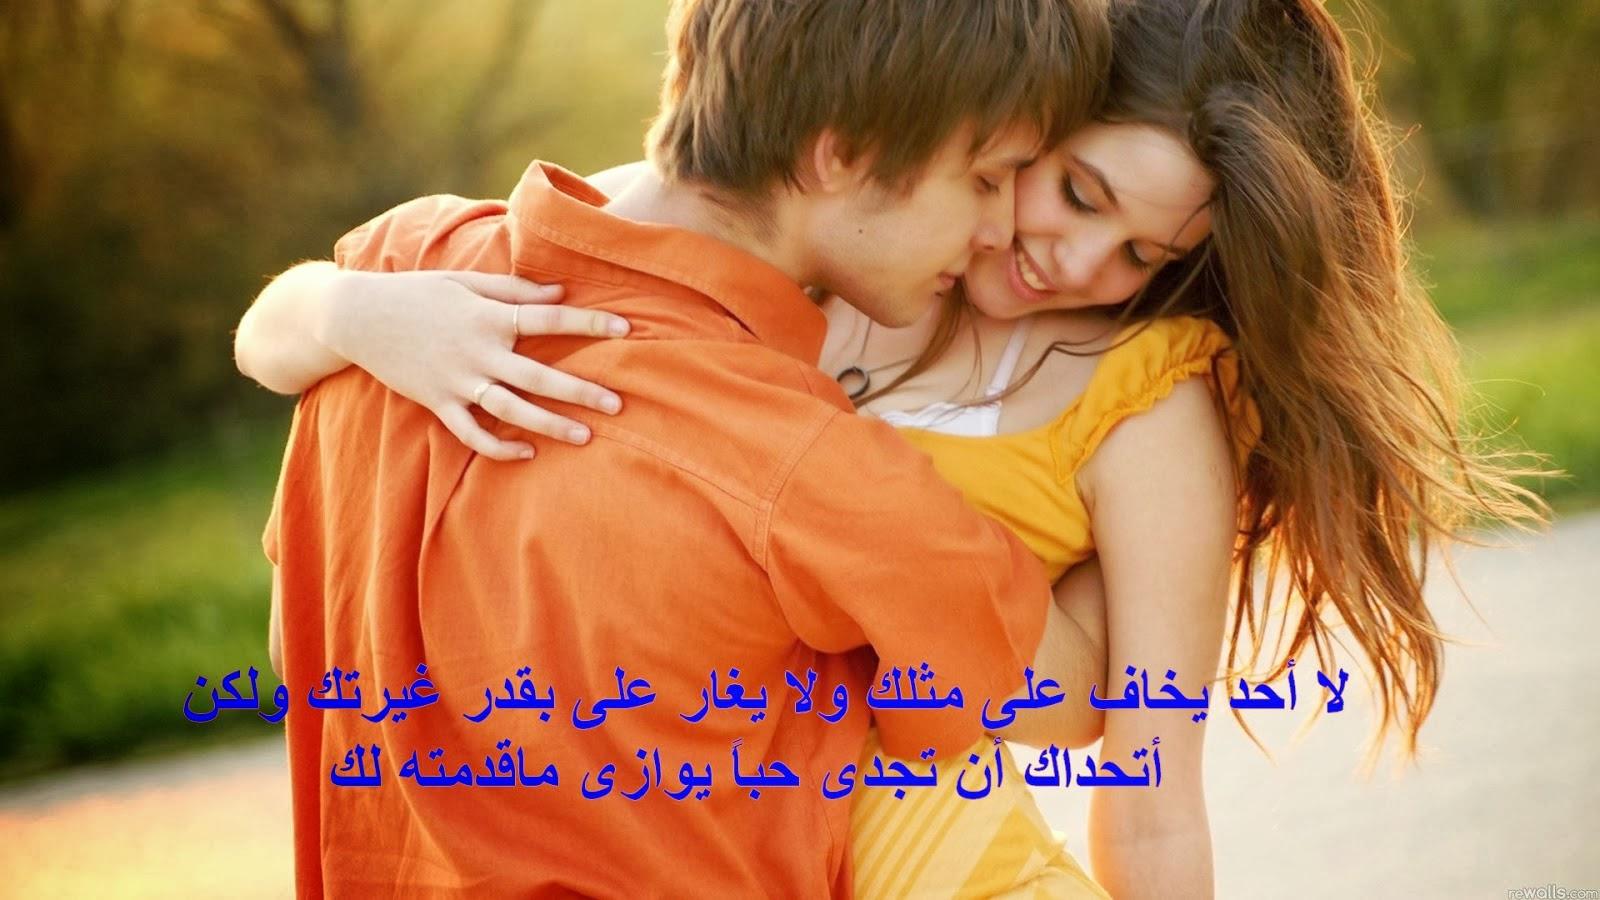 بالصور عبارات حب وغرام , اجمل عبارات الحب 183 16